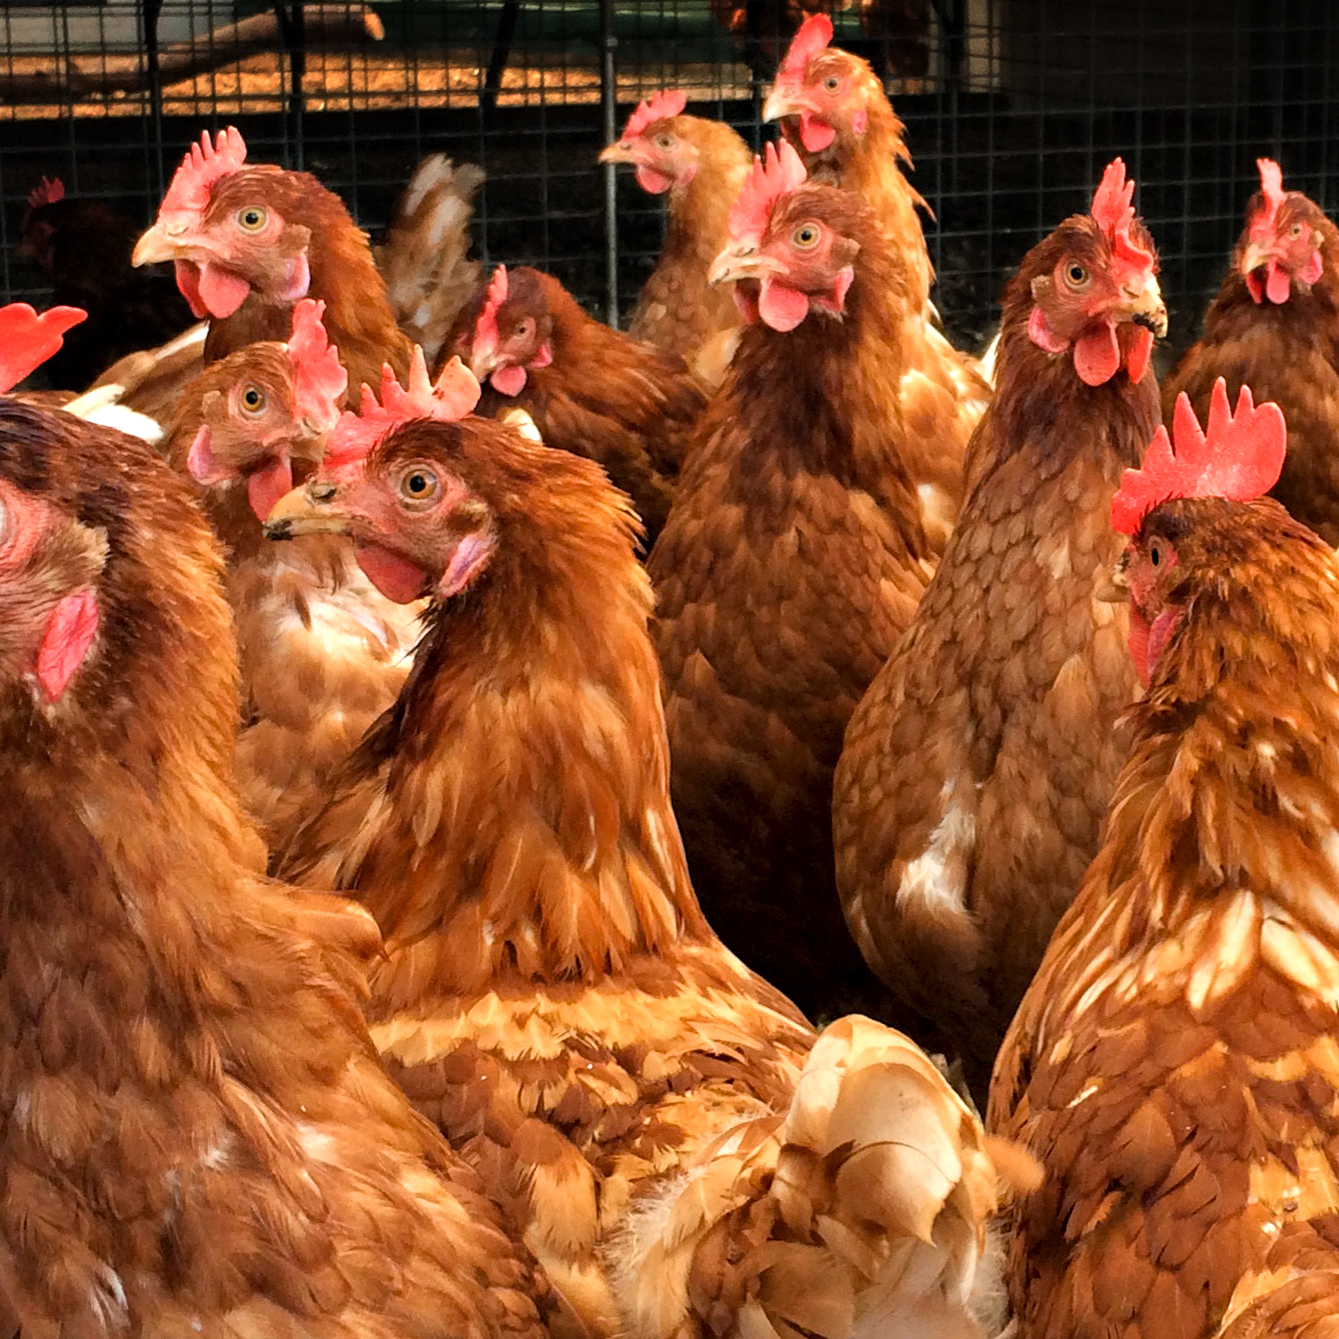 Chickens crop 2.jpg